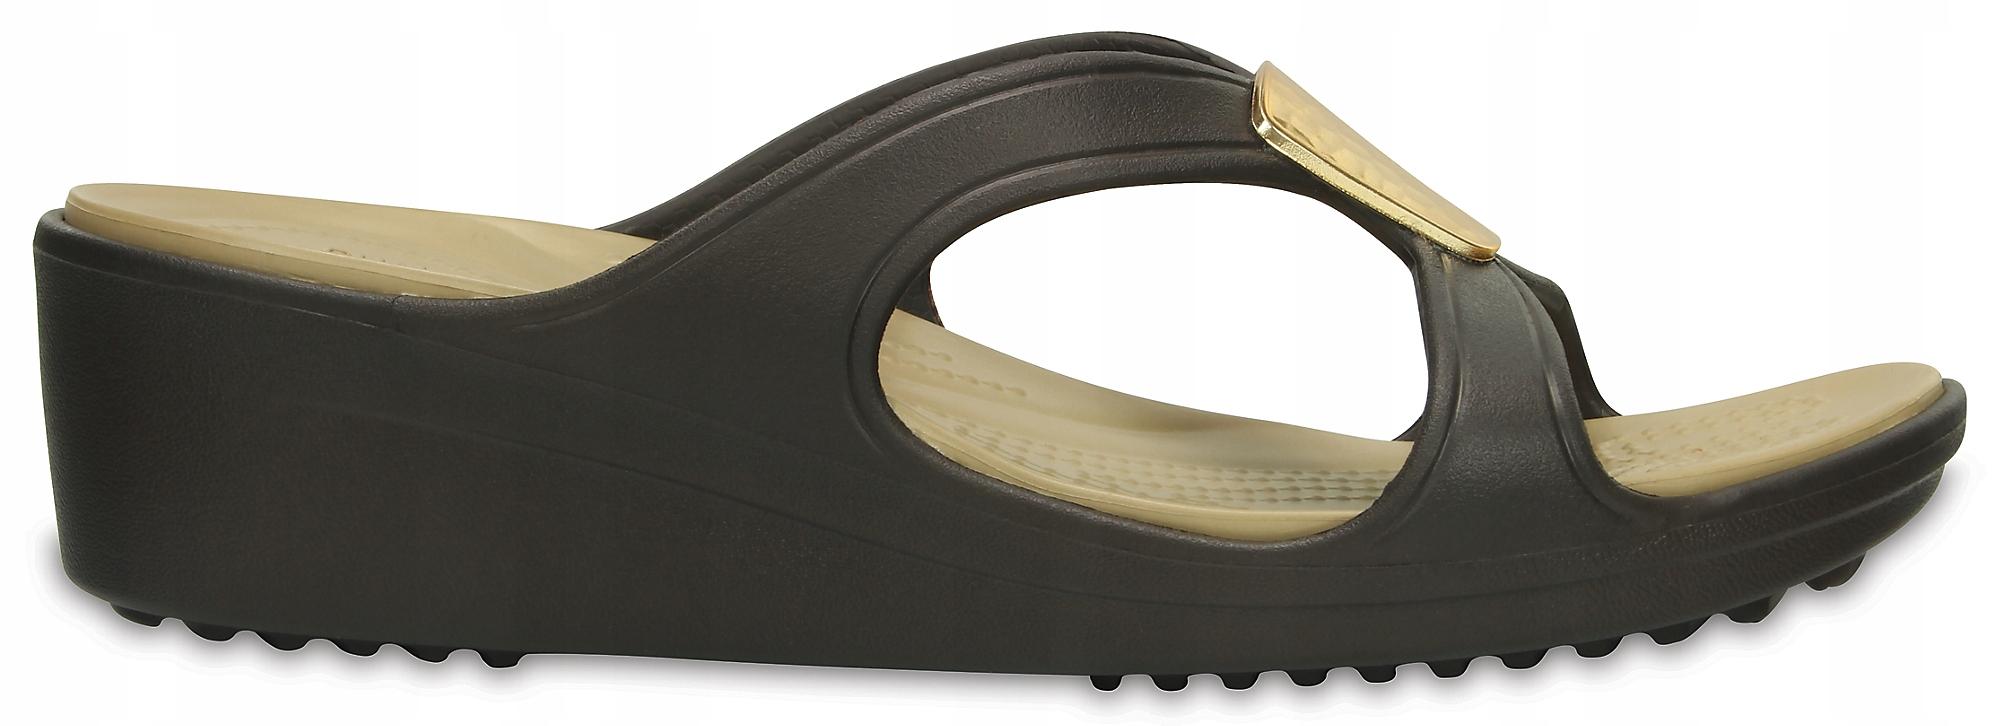 Klapki Crocs Sanrah Embellished Wedge brązowe 41